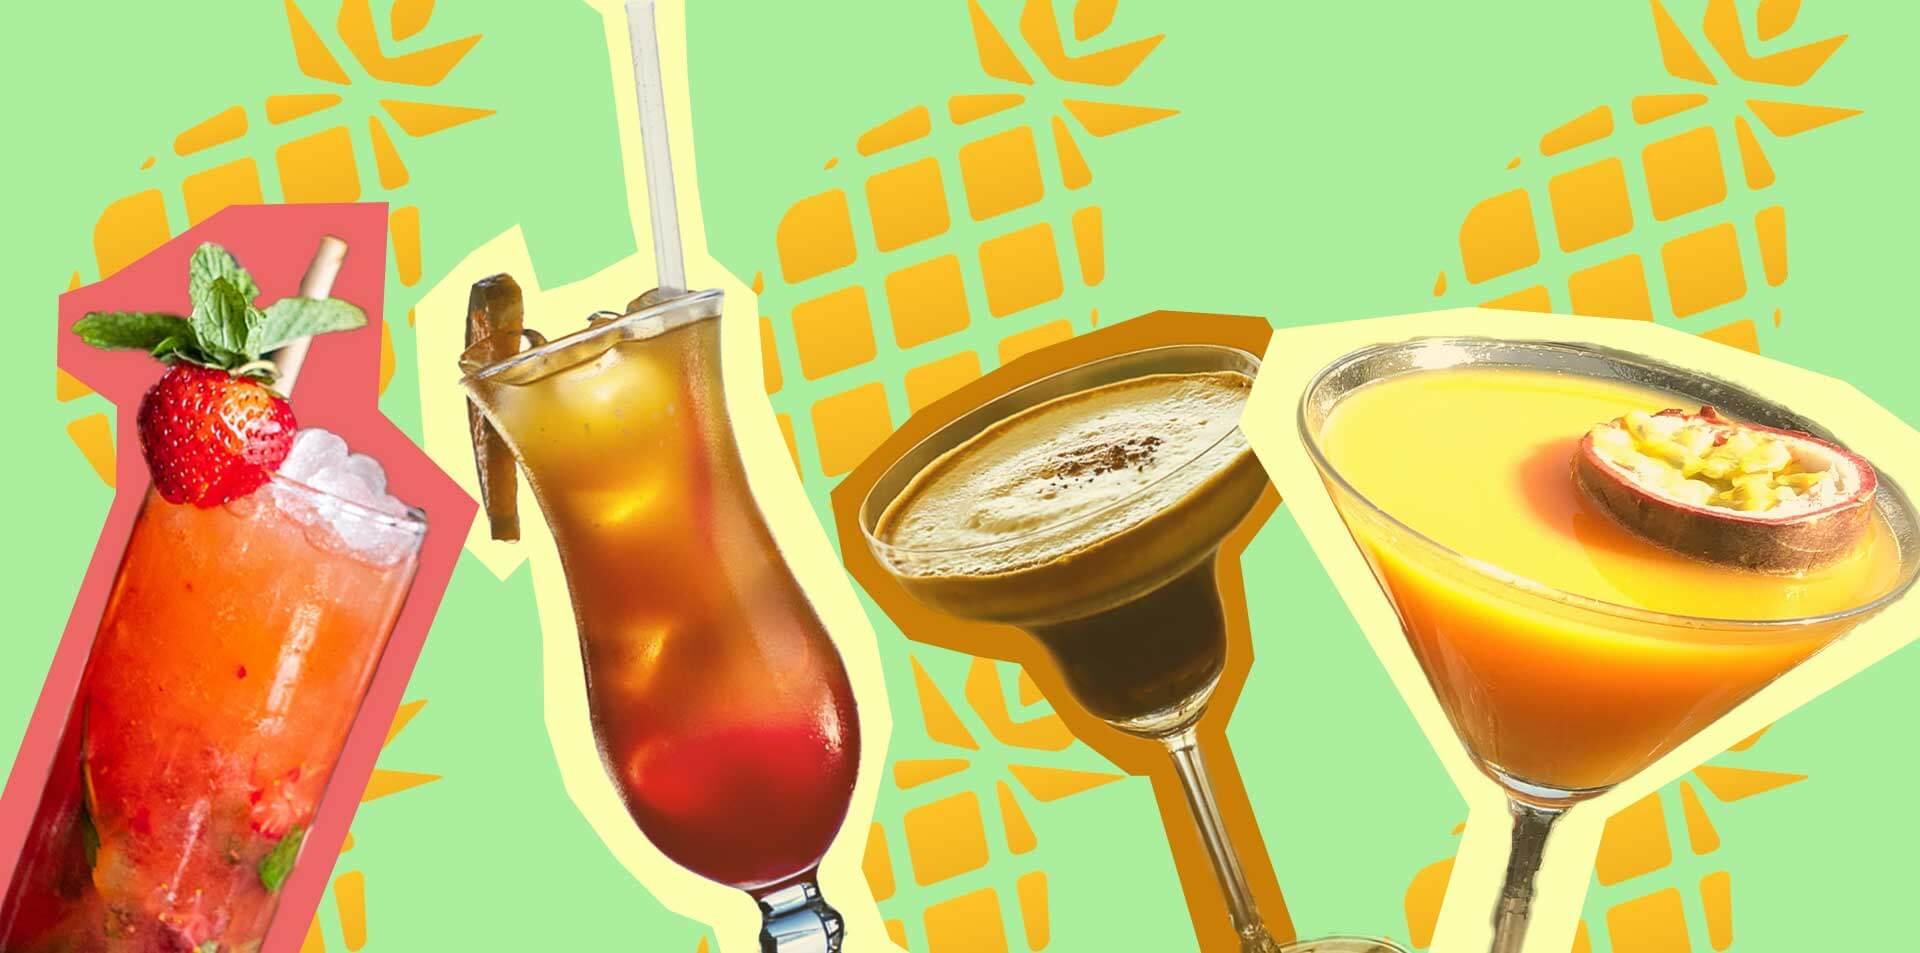 cocktails - vodka